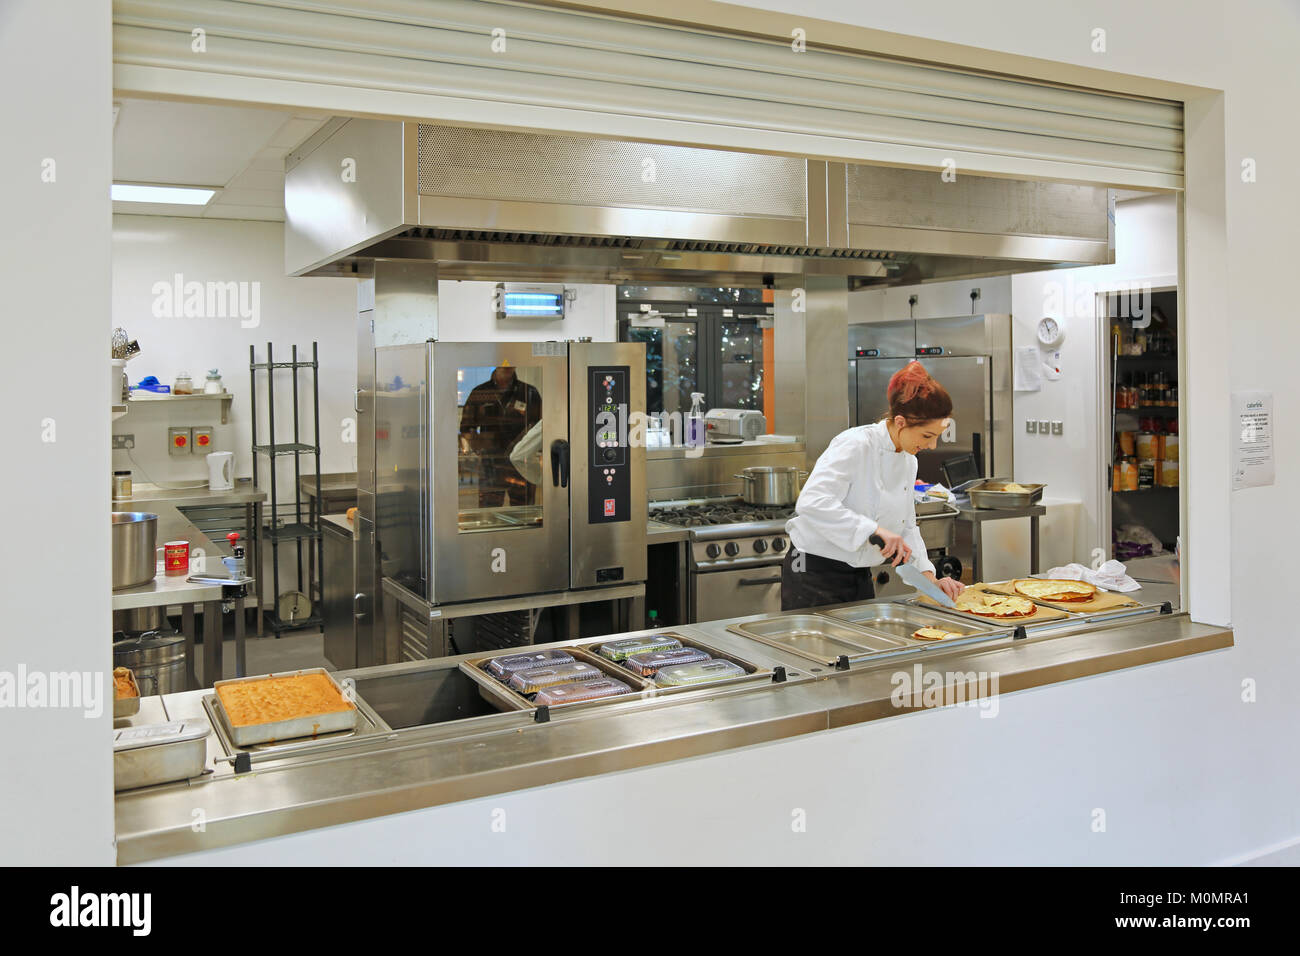 Un assistant de restauration prépare les repas scolaires dans une école primaire de New London, UK. Banque D'Images